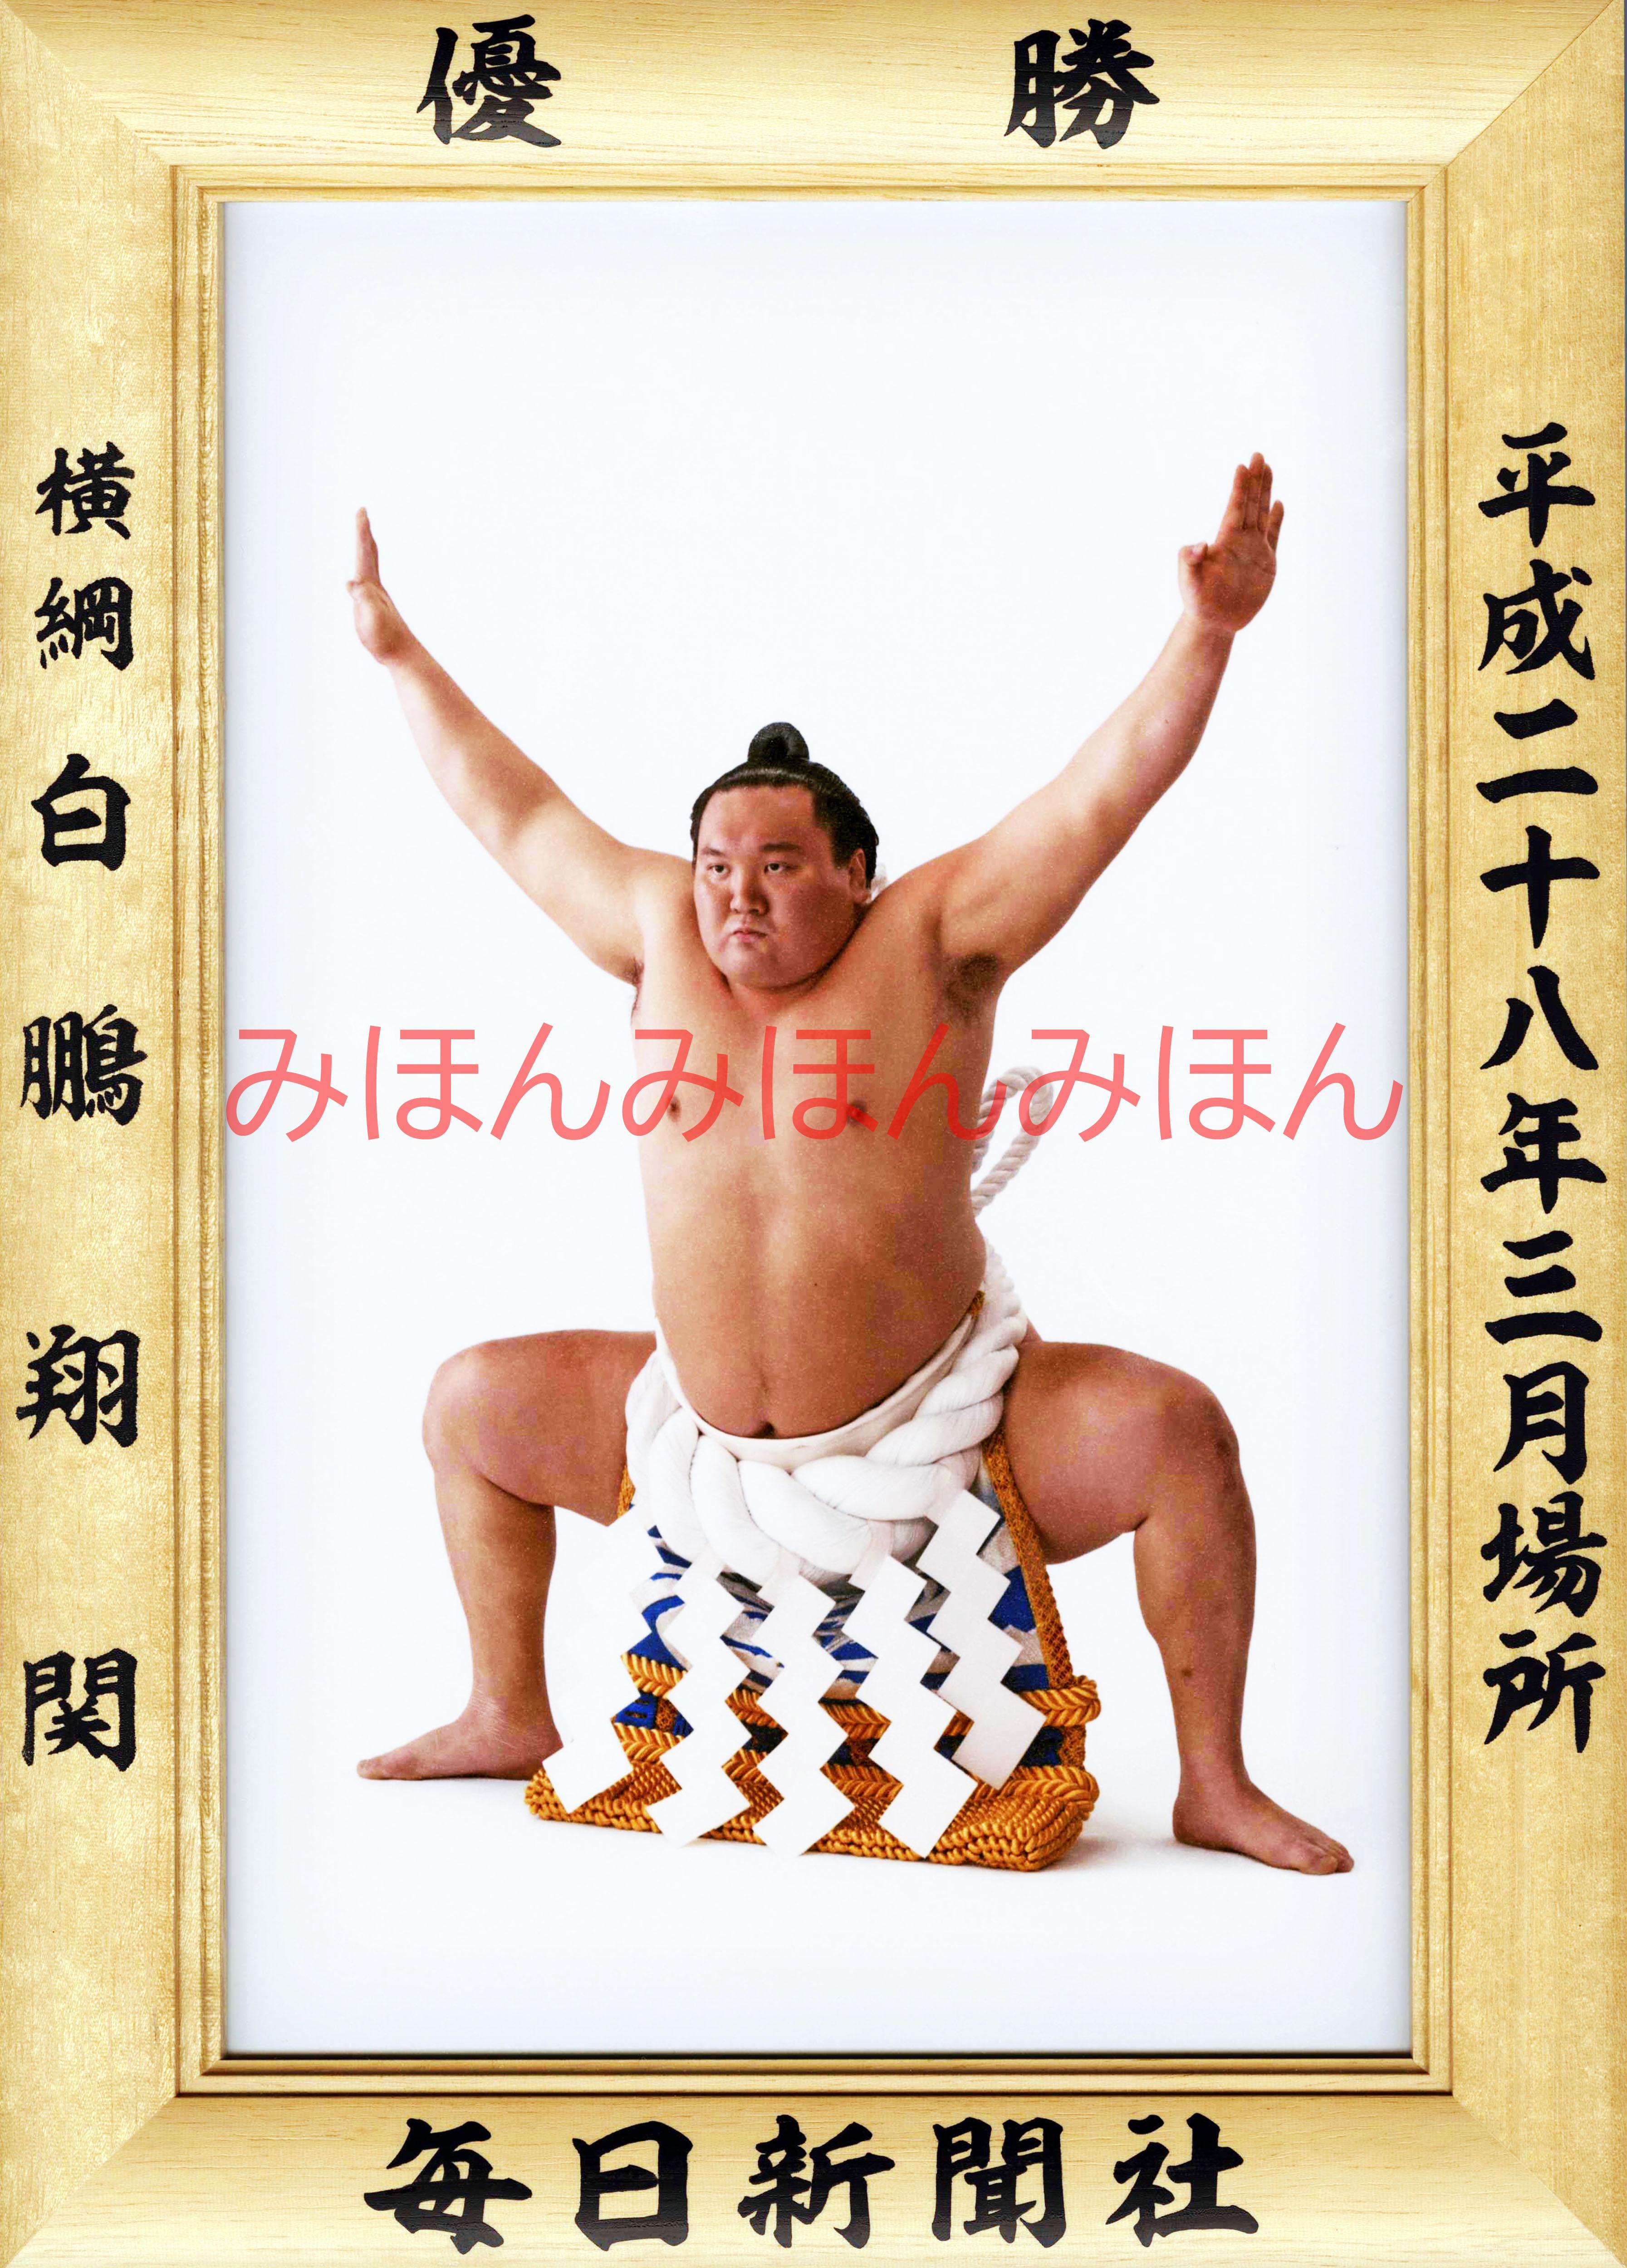 平成28年3月場所優勝 横綱 白鵬翔関(36回目の優勝)